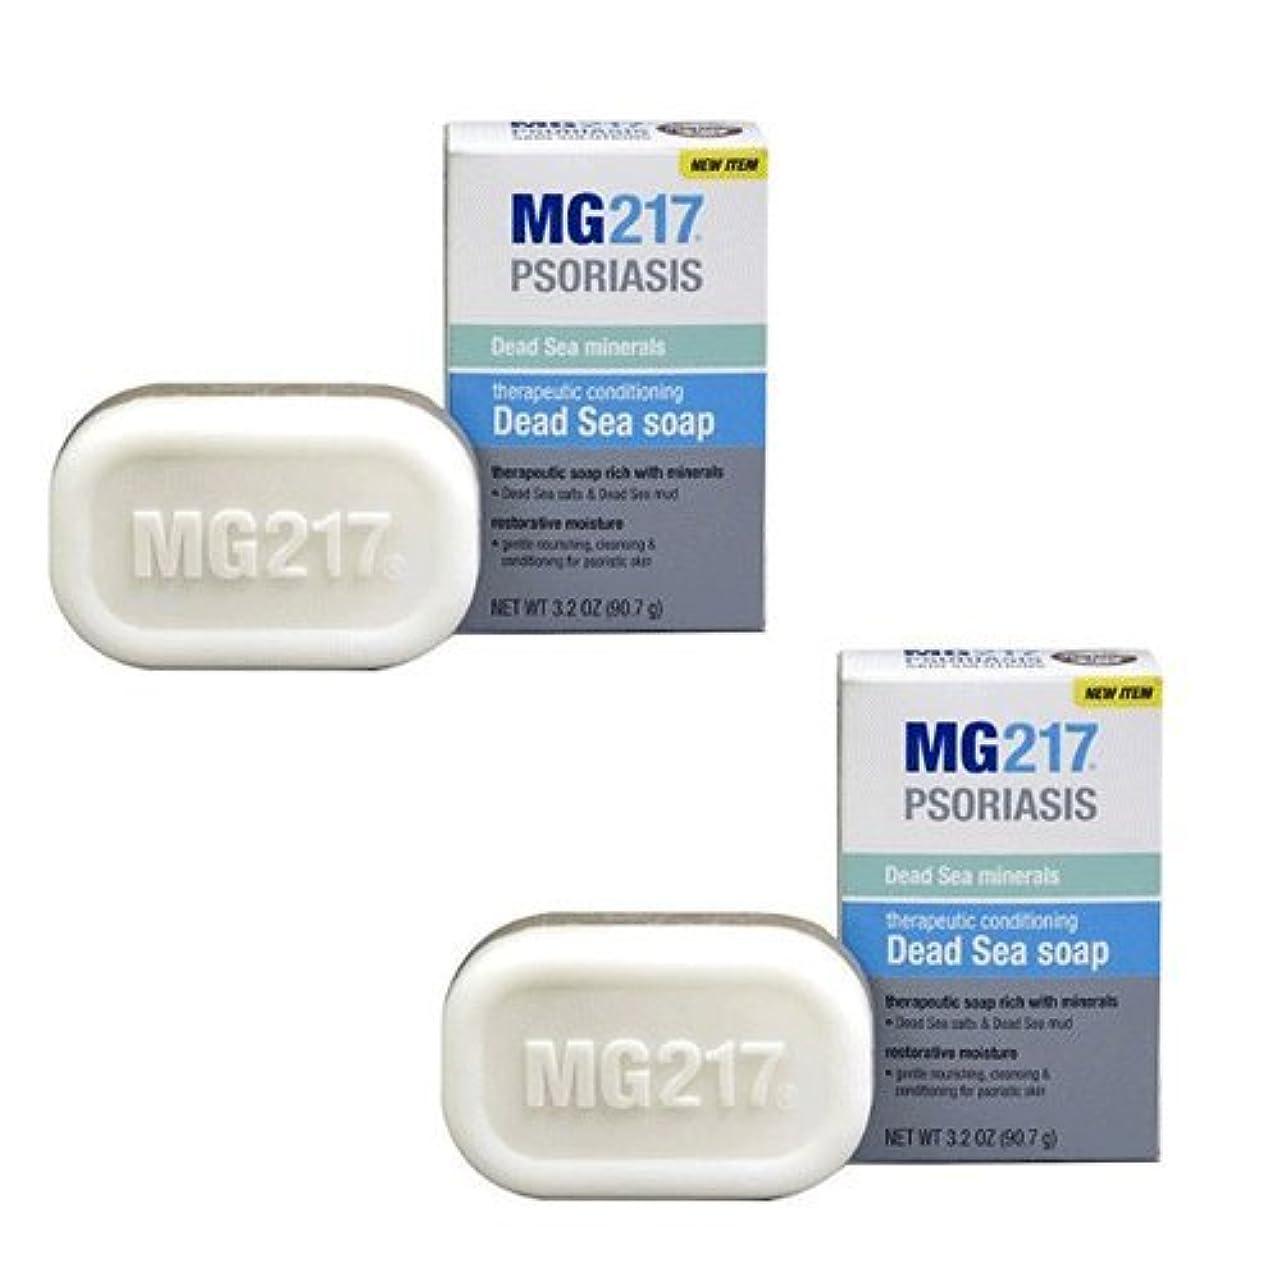 肥沃な肥沃な増強2個セット 死海の泥とミネラルたっぷり MG217ソープ 90g MG217 Psoriasis Therapeutic Conditioning Dead Sea Bar Soap